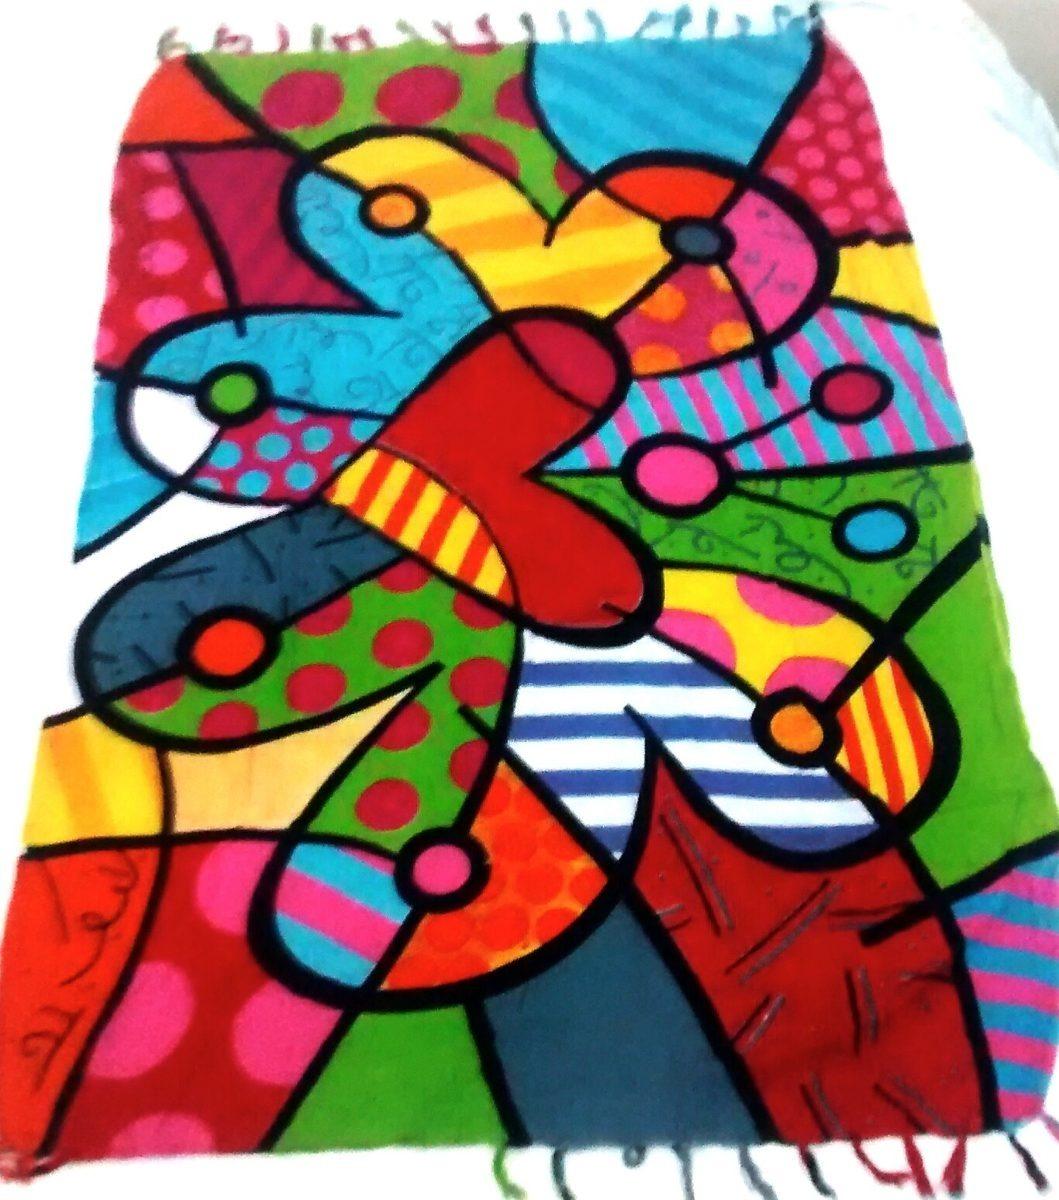 babe6296a943 Canga De Praia Toalha Saída De Praia Romero Brito - R$ 89,00 em ...